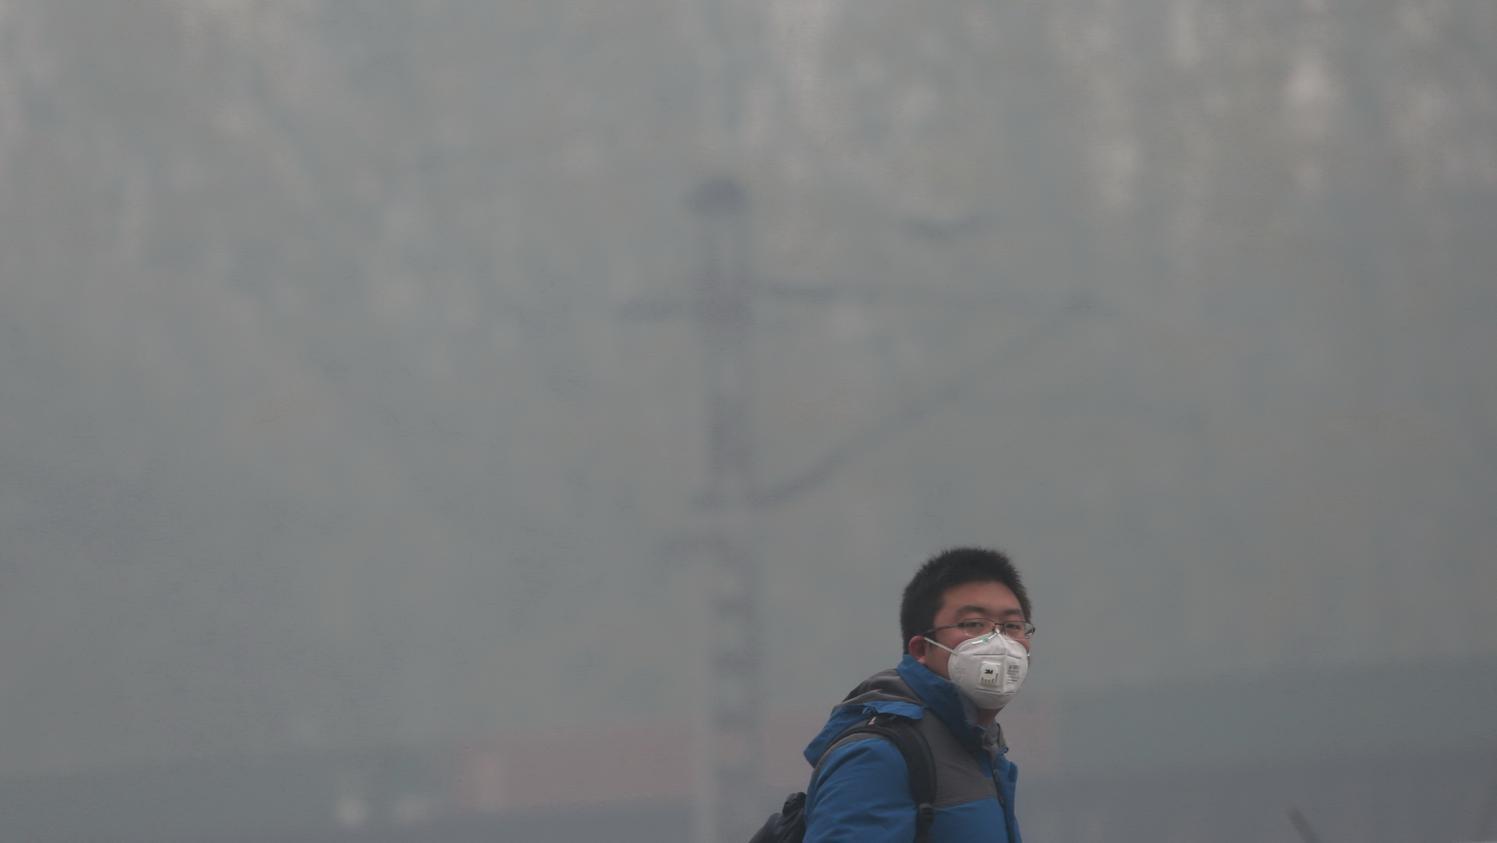 空氣污染阻礙亞洲等發展中國家經濟  中國是受害最深國家